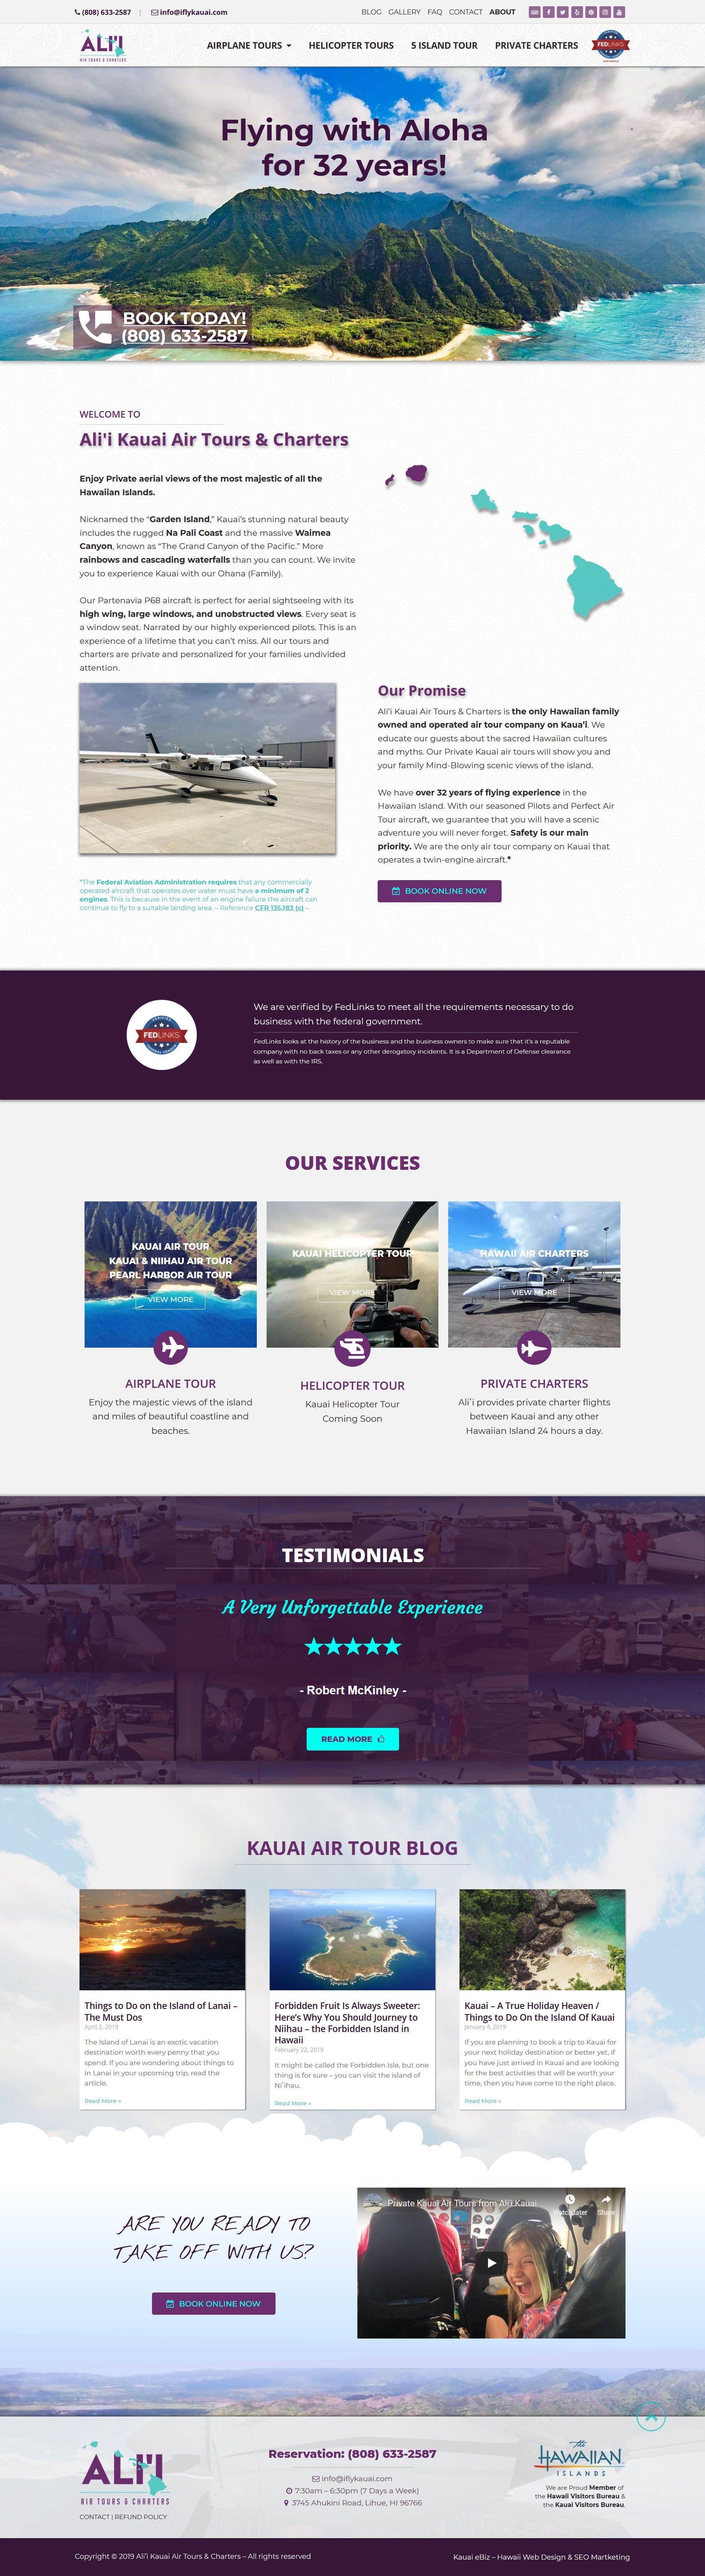 Hawaii Air Tour Company Website Small Business Web Design Portfolio Web Design How To Make Animations